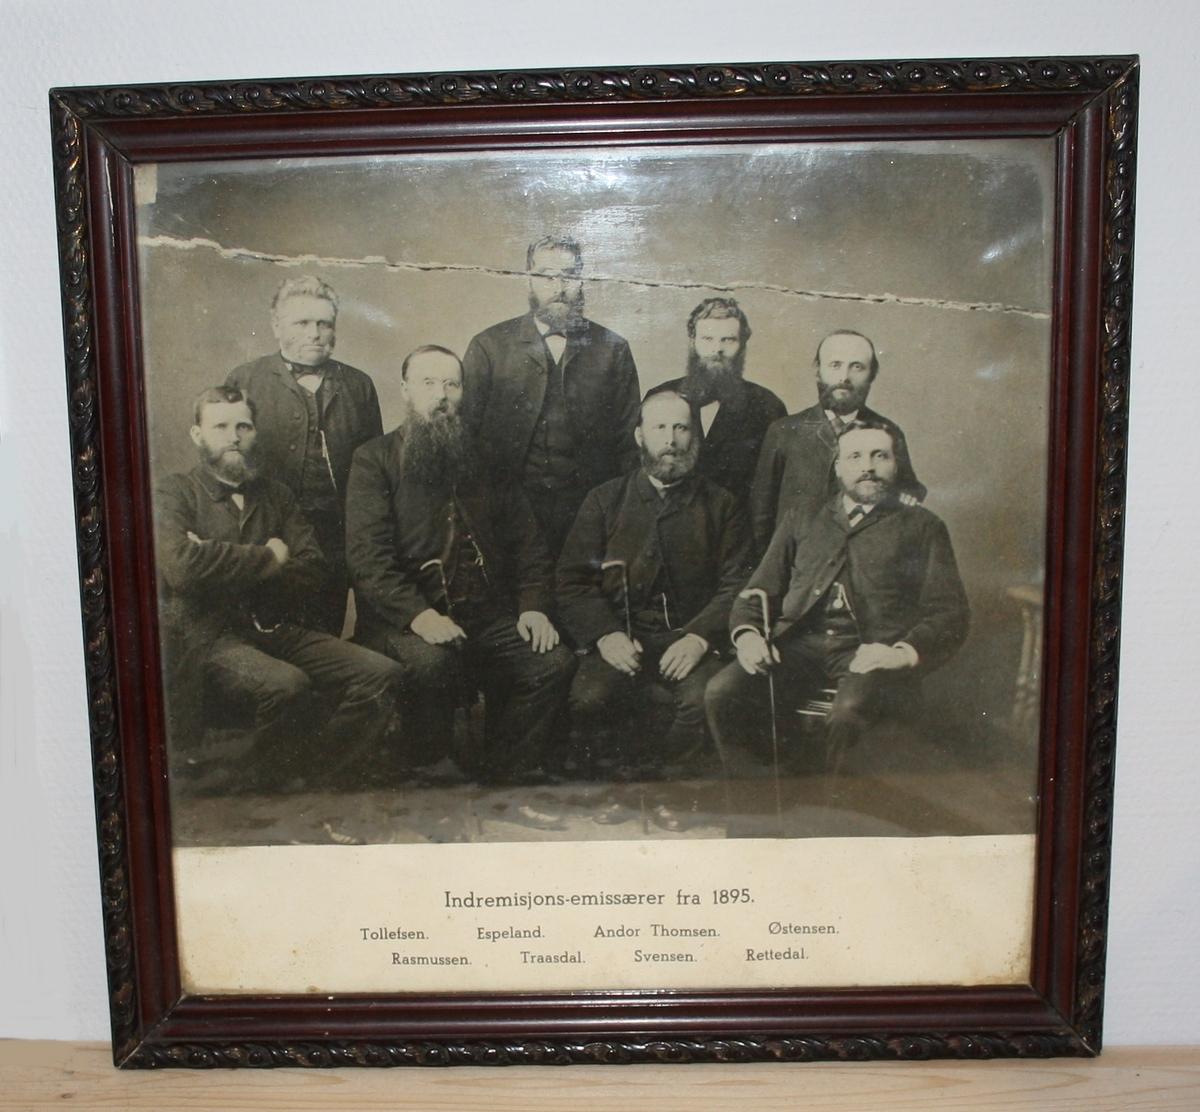 Sort hvitt foto av gruppe på 8 personar, (Indremisjonsemisærer frå 1895, sjå beskrivning, påførd tekst.)